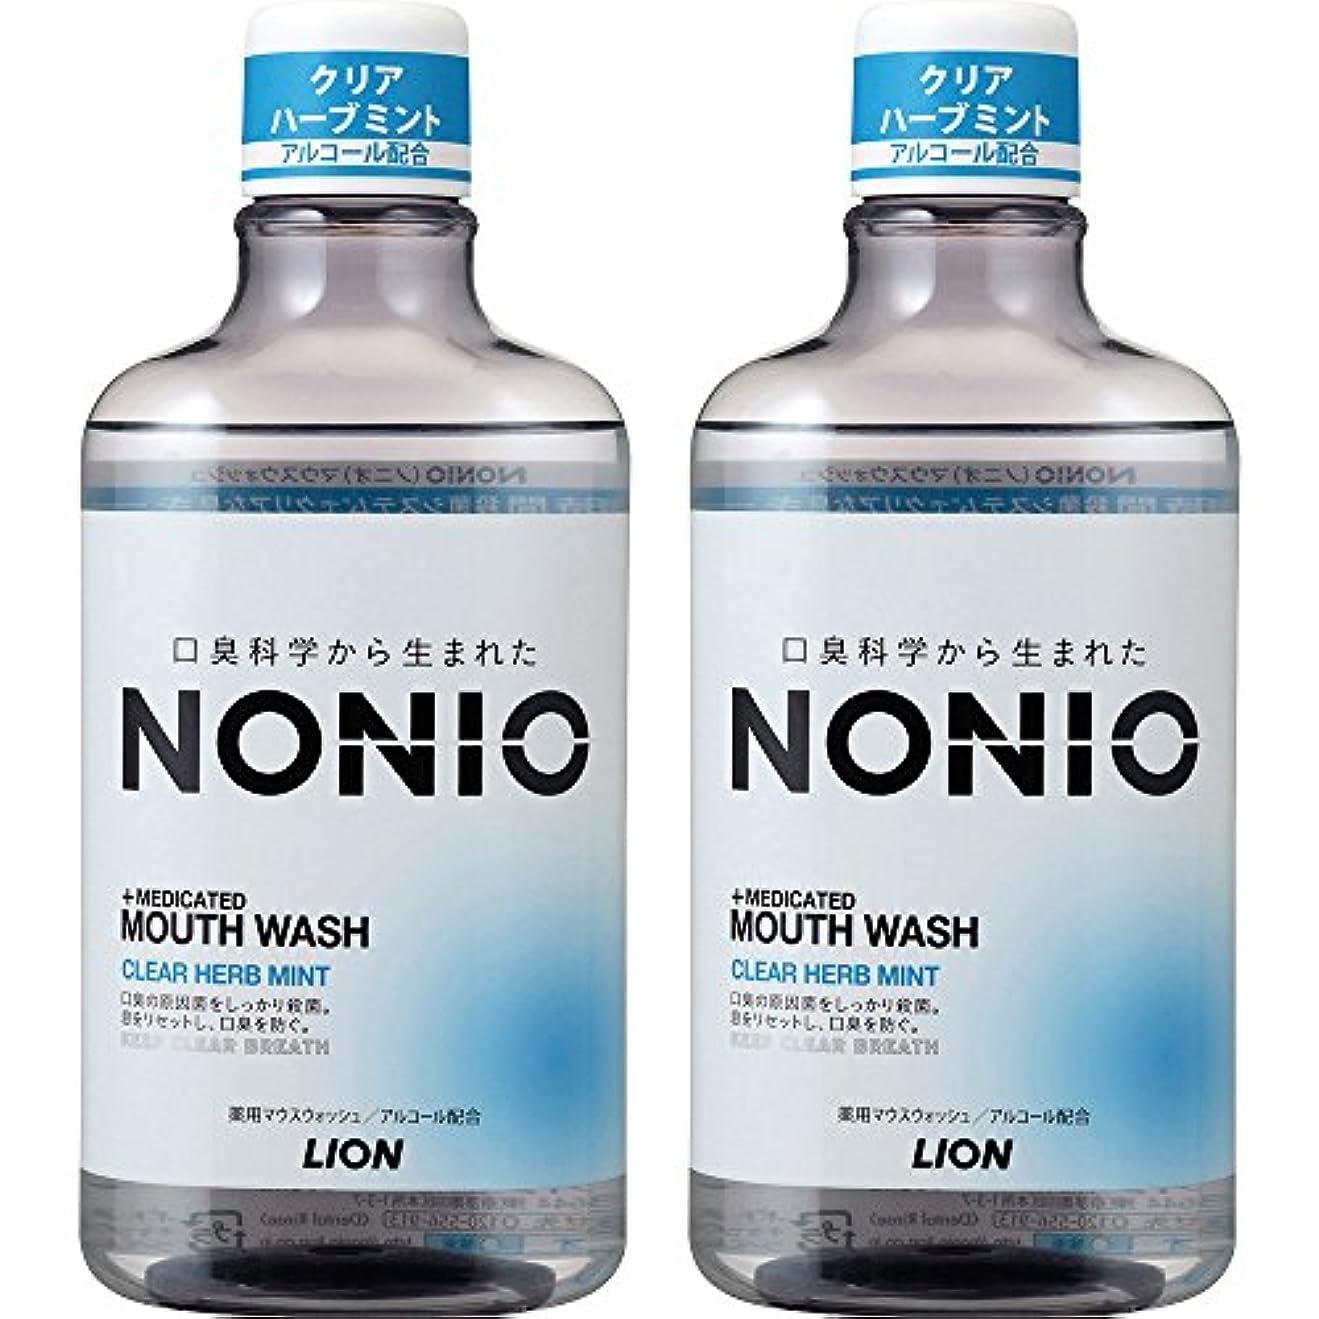 マサッチョ文字生産性[医薬部外品]NONIO(ノニオ) マウスウォッシュ クリアハーブミント 600ml×2個 洗口液